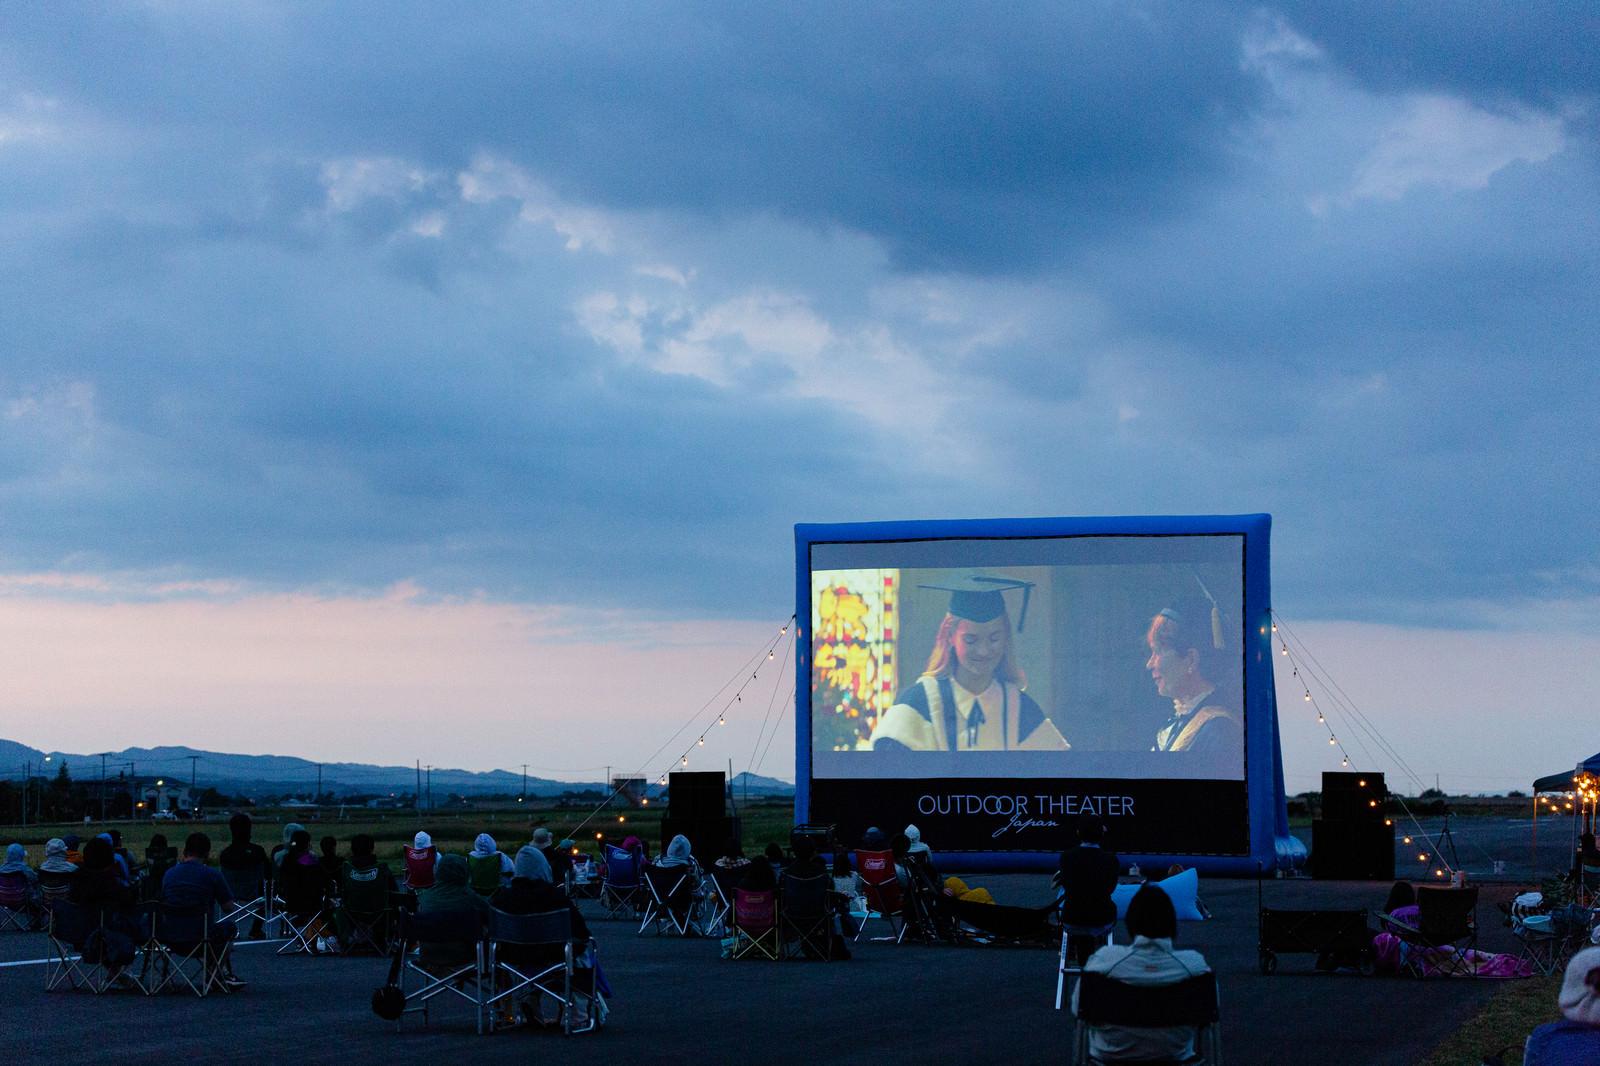 「巨大スクリーンで映画を上映」の写真